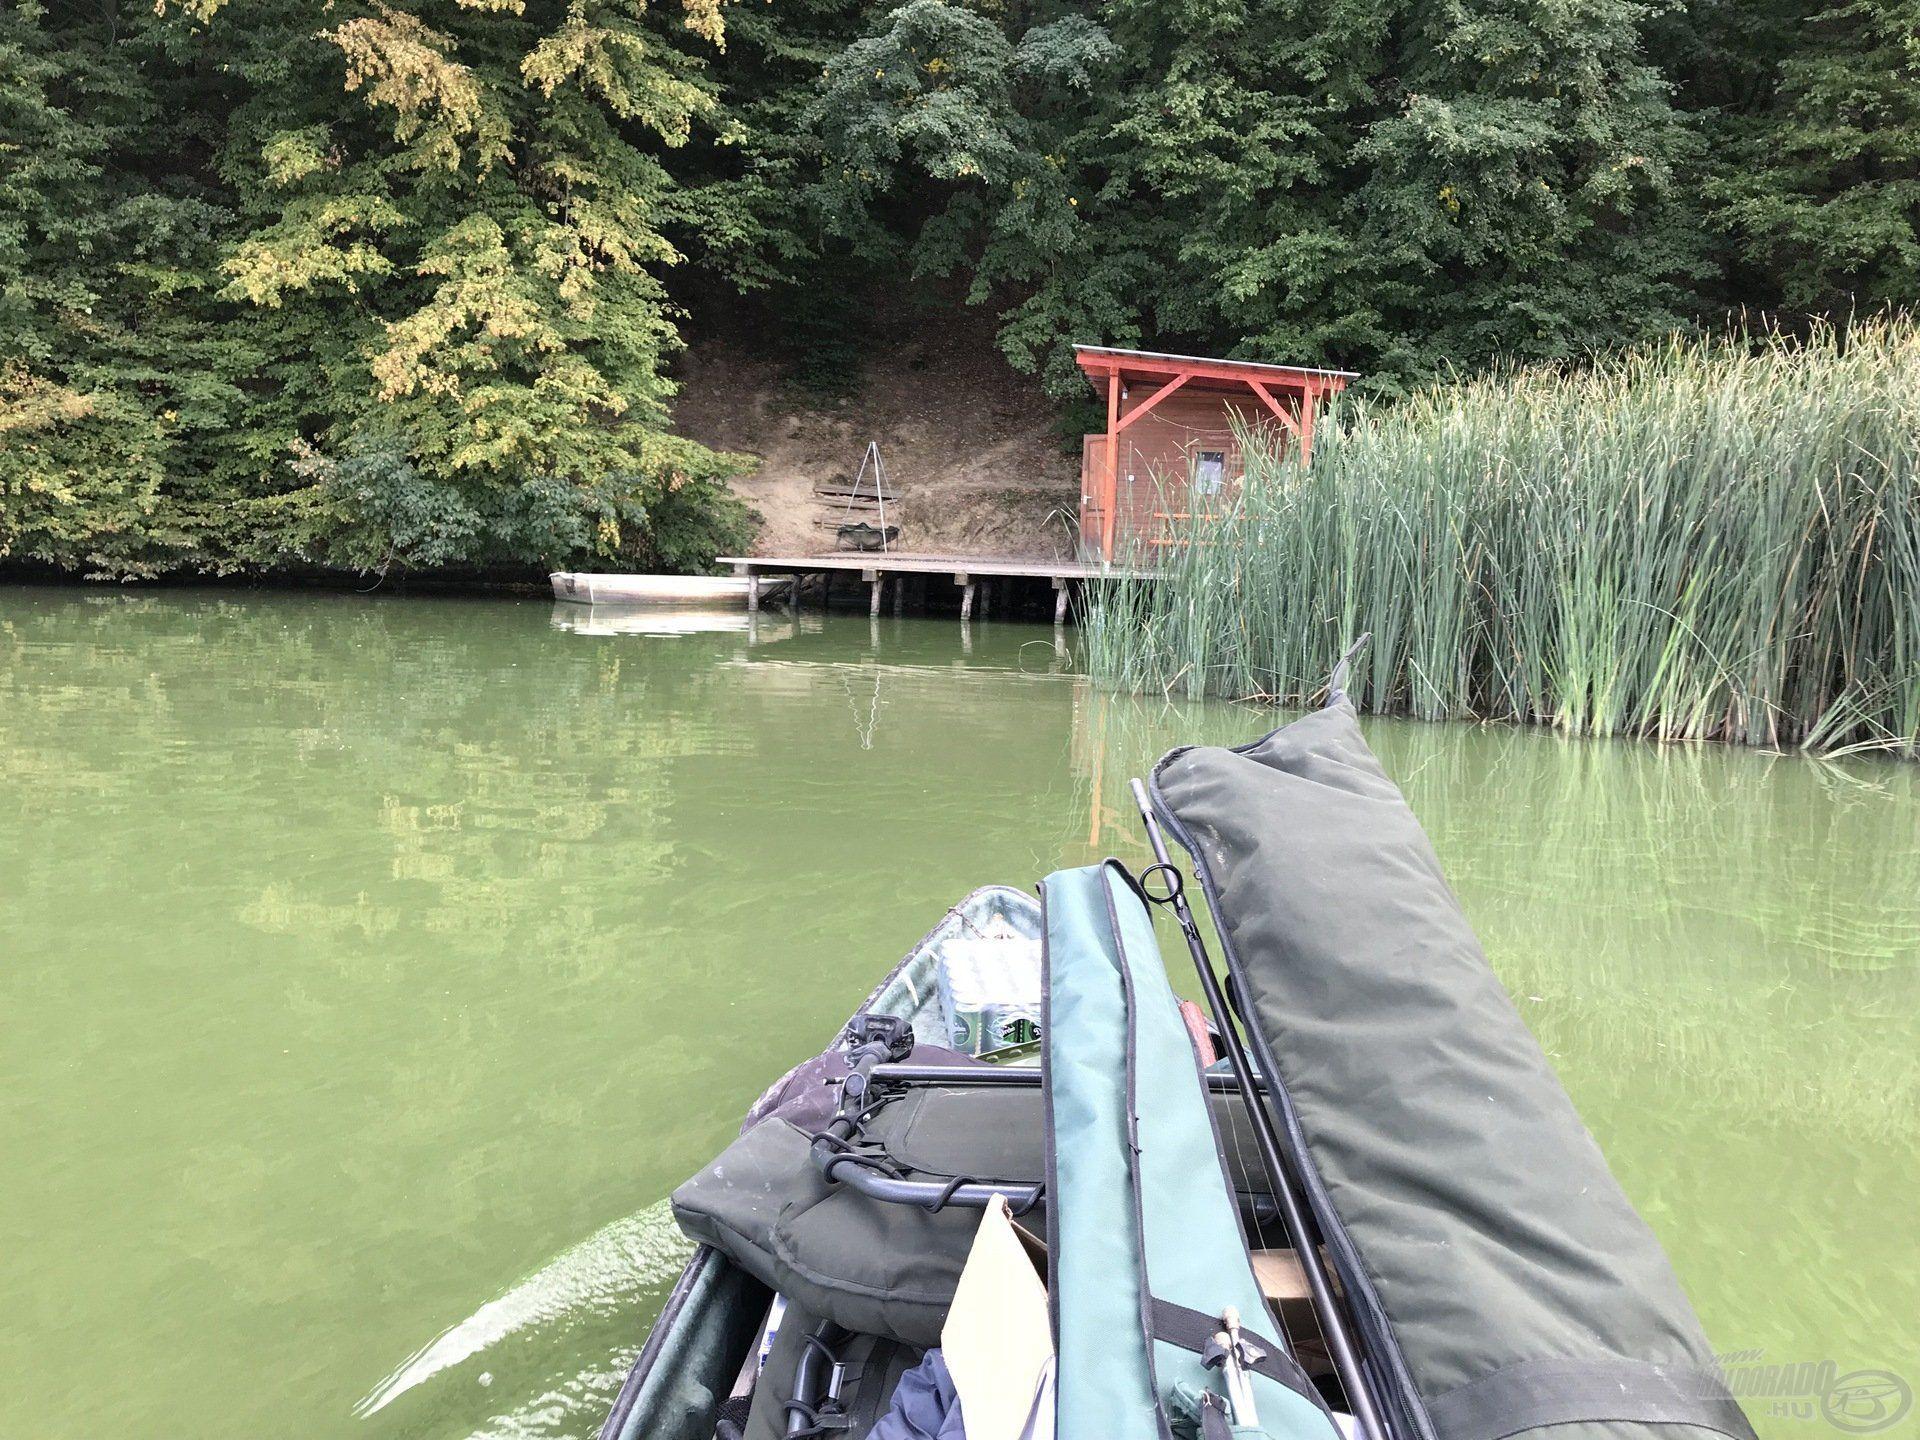 Érkezés a horgászhelyre tele csónakkal és tele lelkesedéssel